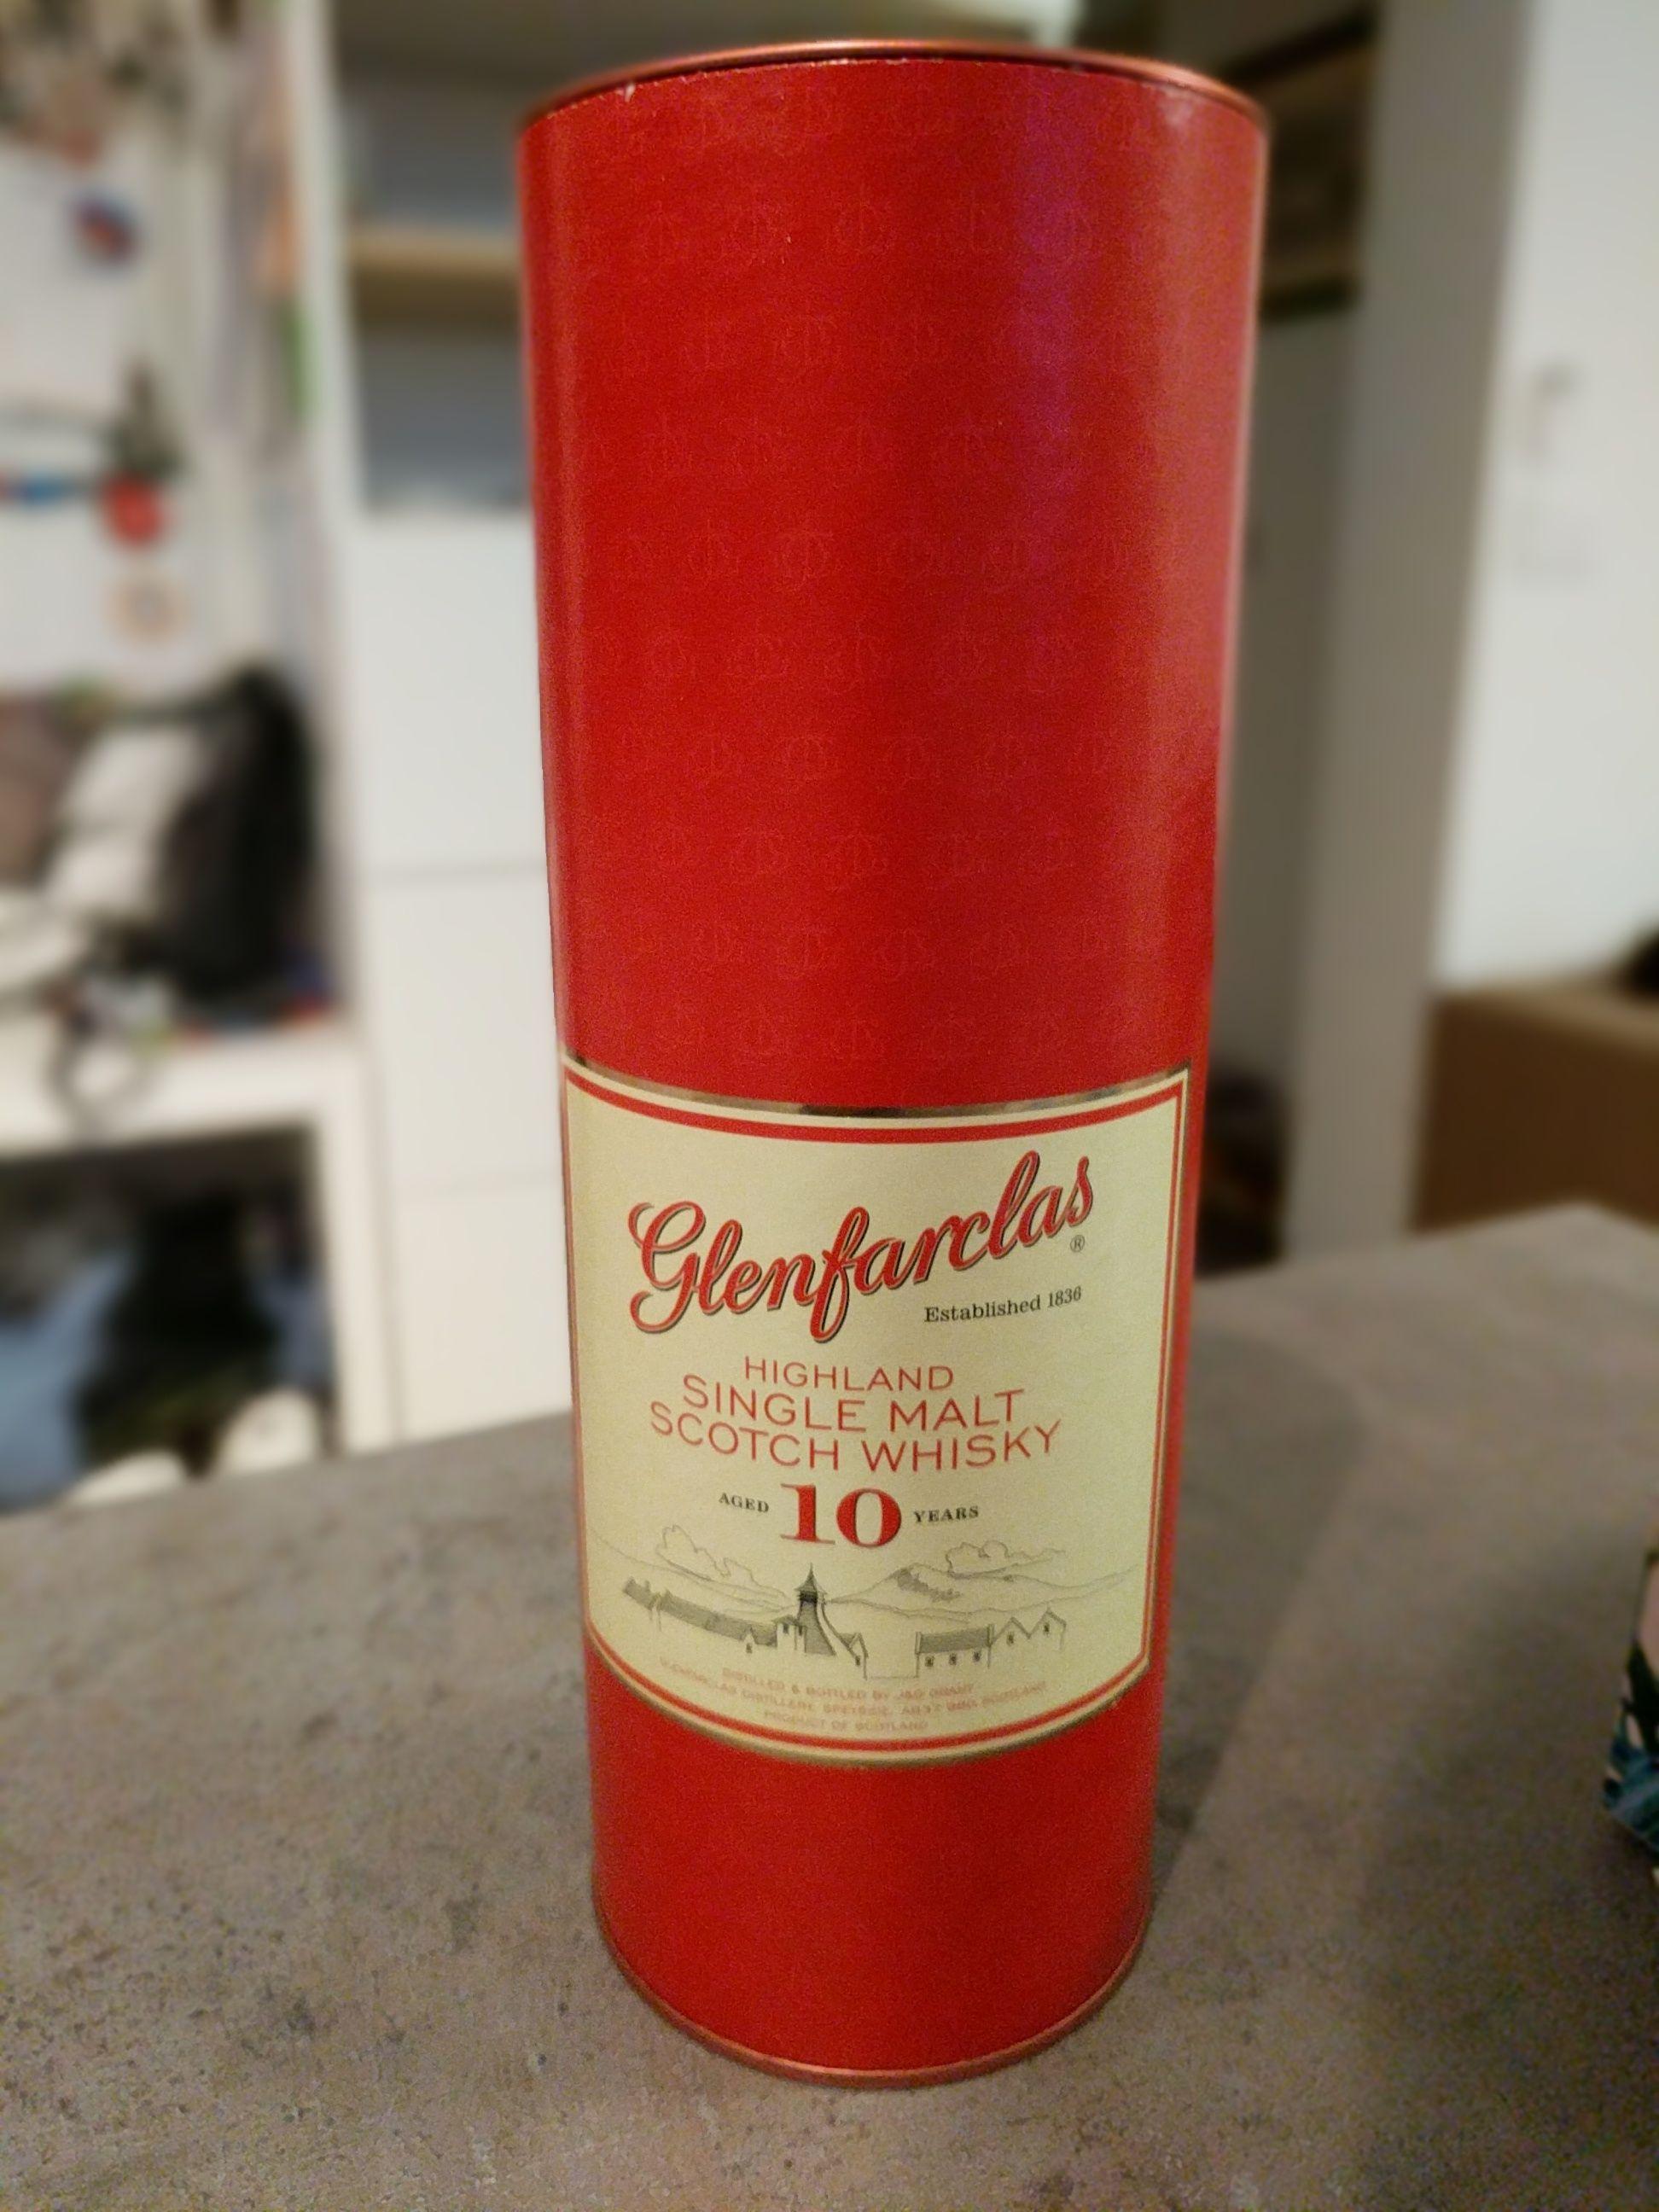 Single malt Whisky Glenfarclas 10yo 0,7l - Aldi